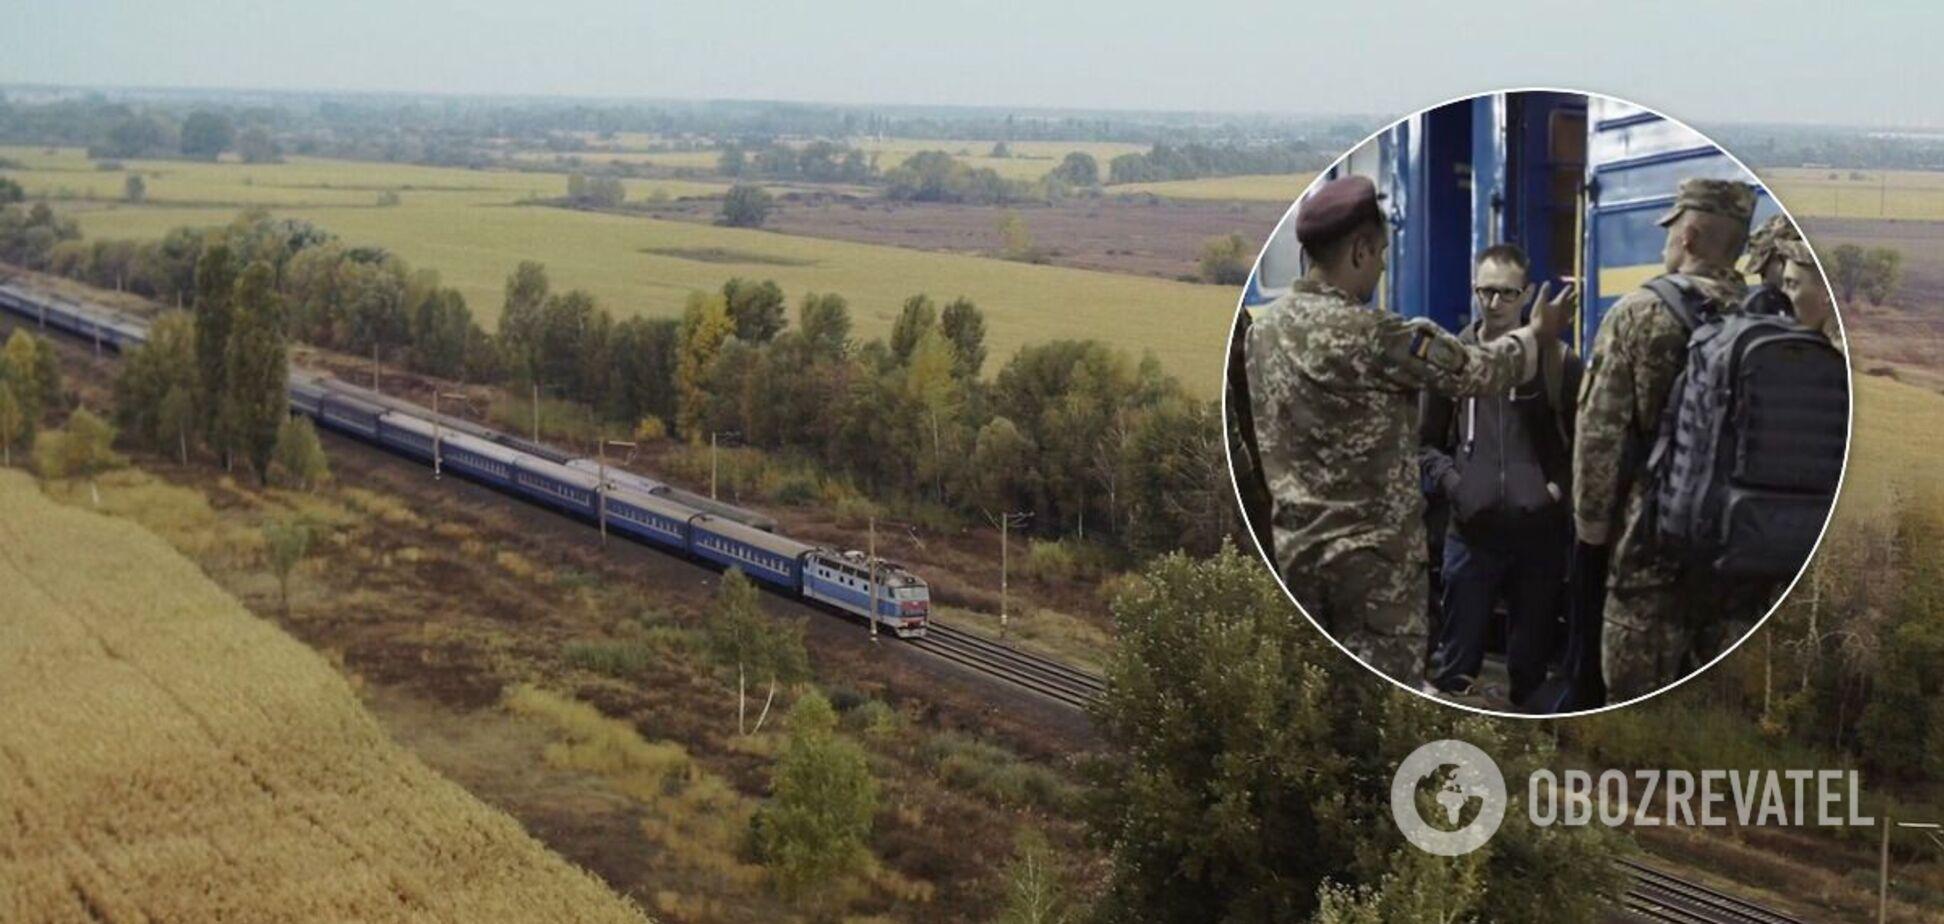 Украинский фильм 'Поезд 'Киев – Война' вышел в прокат: о чем лента